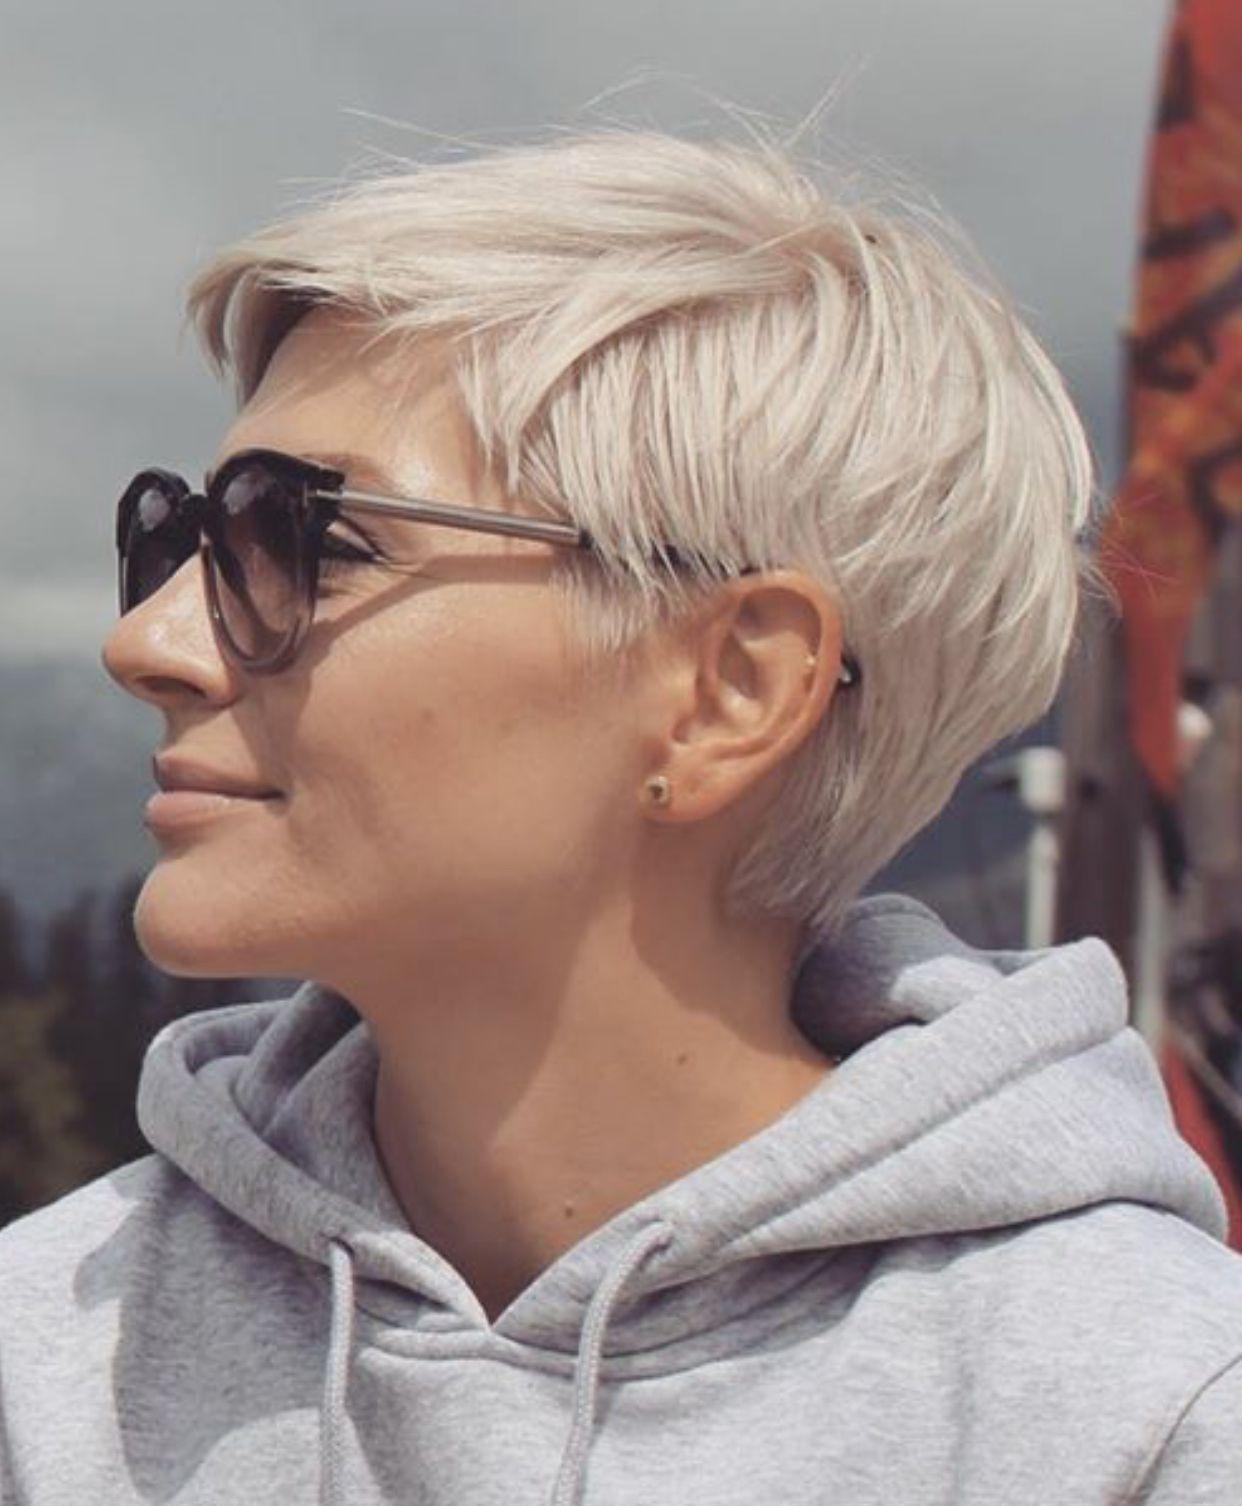 Pin Von Brigitta Jakobs Auf Hair In 2020 Frisuren Kurze Haare Blond Haarschnitt Kurze Haare Haarschnitt Kurz